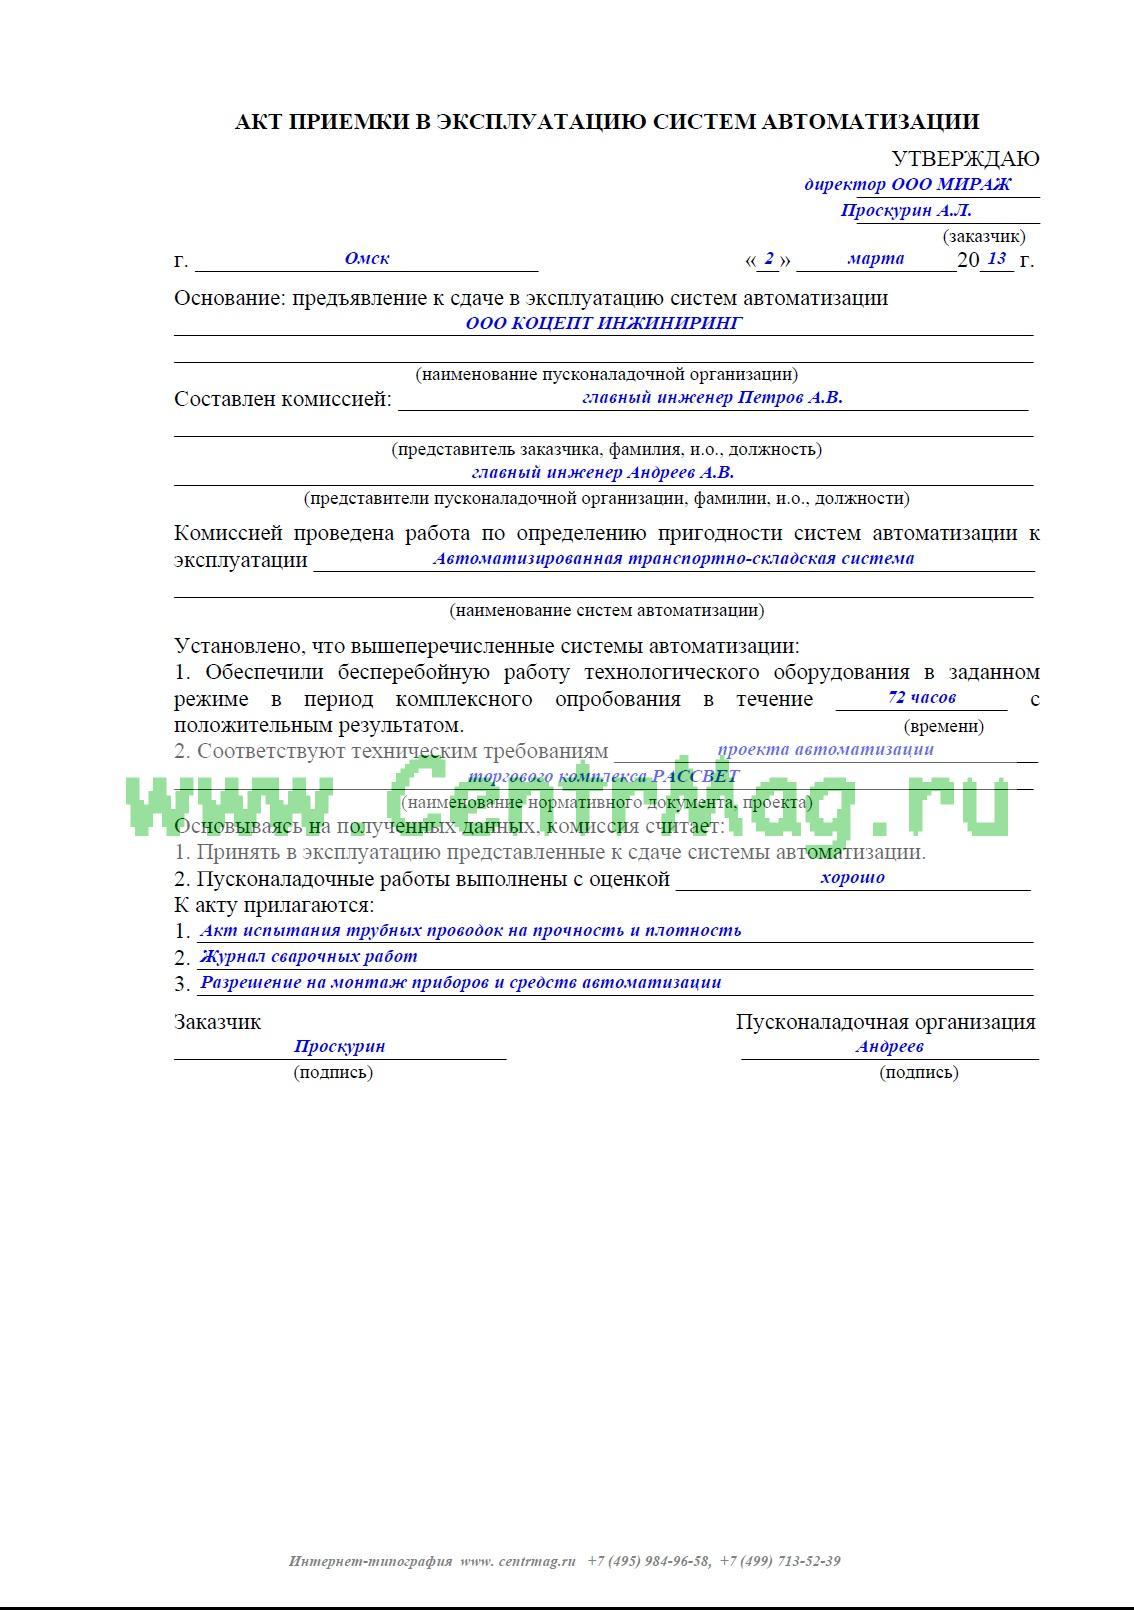 Пособие Исполнительная техническая документация при